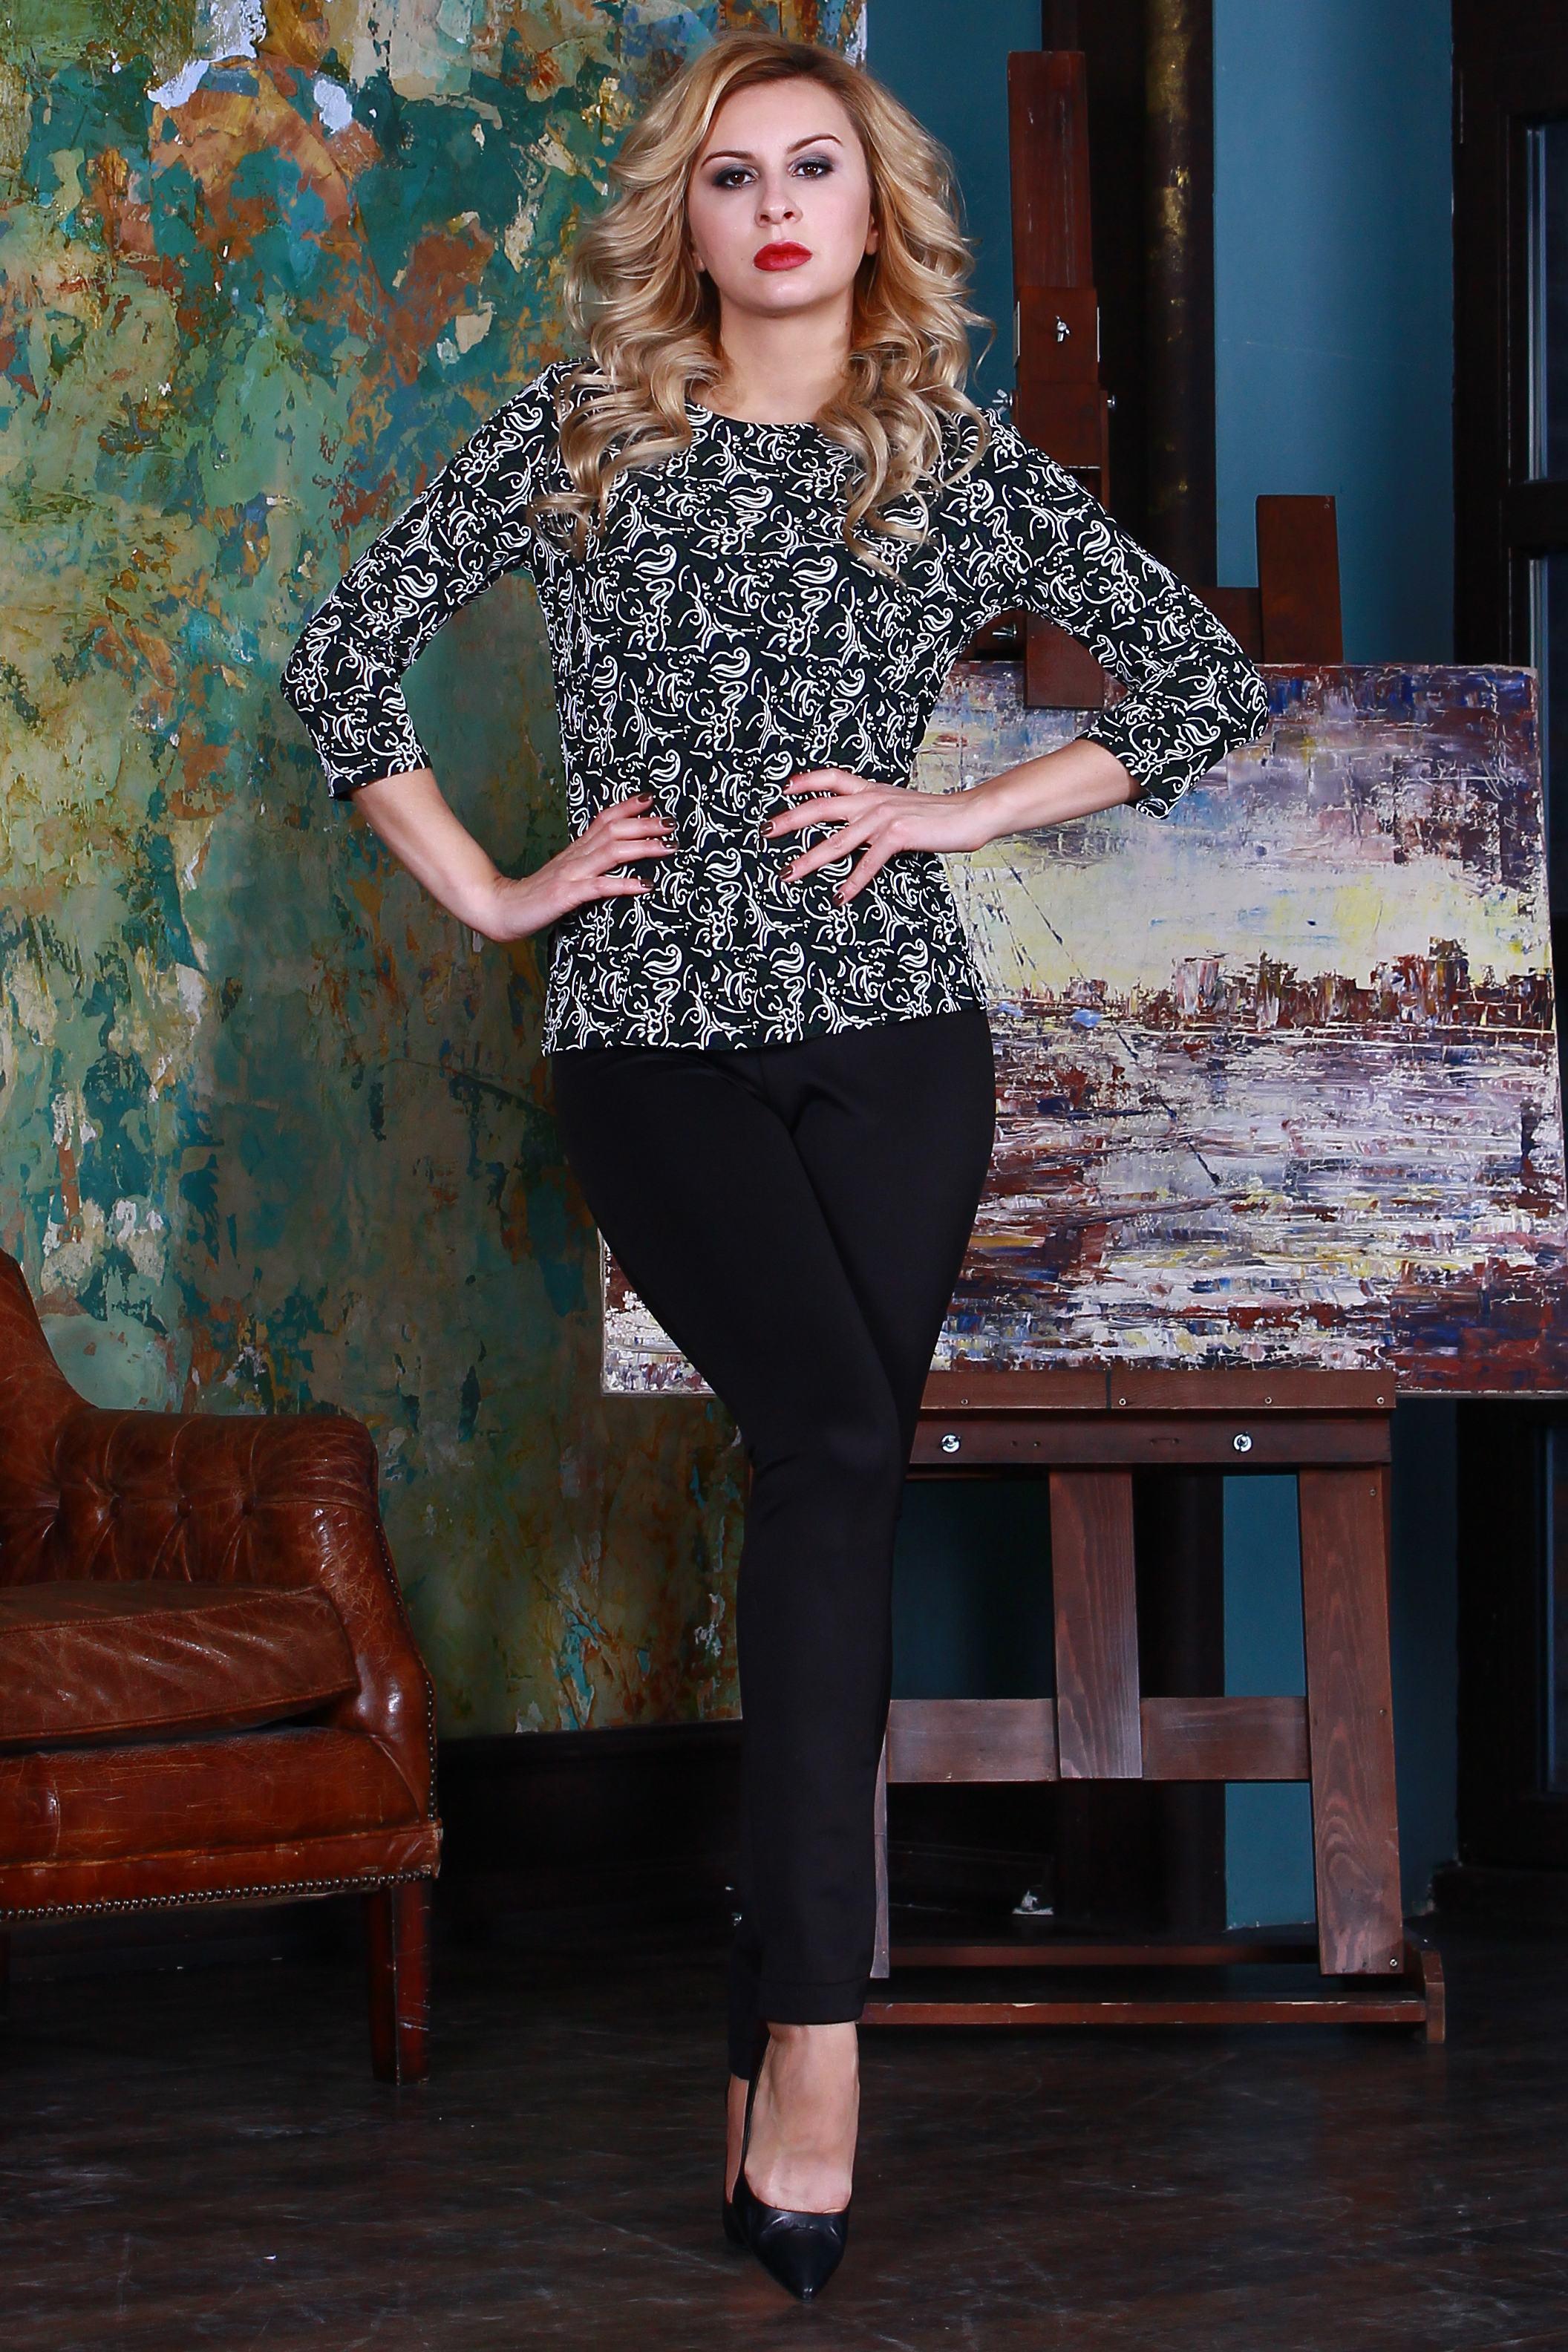 БлузкаБлузки<br>Блузка из легкого струящегося трикотажного полотна с небольшим объемным напылением, прямого силуэта с небольшими разрезами по бокам, рукав втачной 3/4.   Длина изделия от 59 см до 62 см , в зависимости от размера.  Цвет: синий, белый, зеленый  Рост девушки-фотомодели 175 см<br><br>Горловина: С- горловина<br>По материалу: Трикотаж<br>По рисунку: С принтом,Цветные<br>По сезону: Весна,Зима,Лето,Осень,Всесезон<br>По силуэту: Полуприталенные<br>По стилю: Повседневный стиль<br>Рукав: Рукав три четверти<br>Размер : 46,48<br>Материал: Джерси<br>Количество в наличии: 2